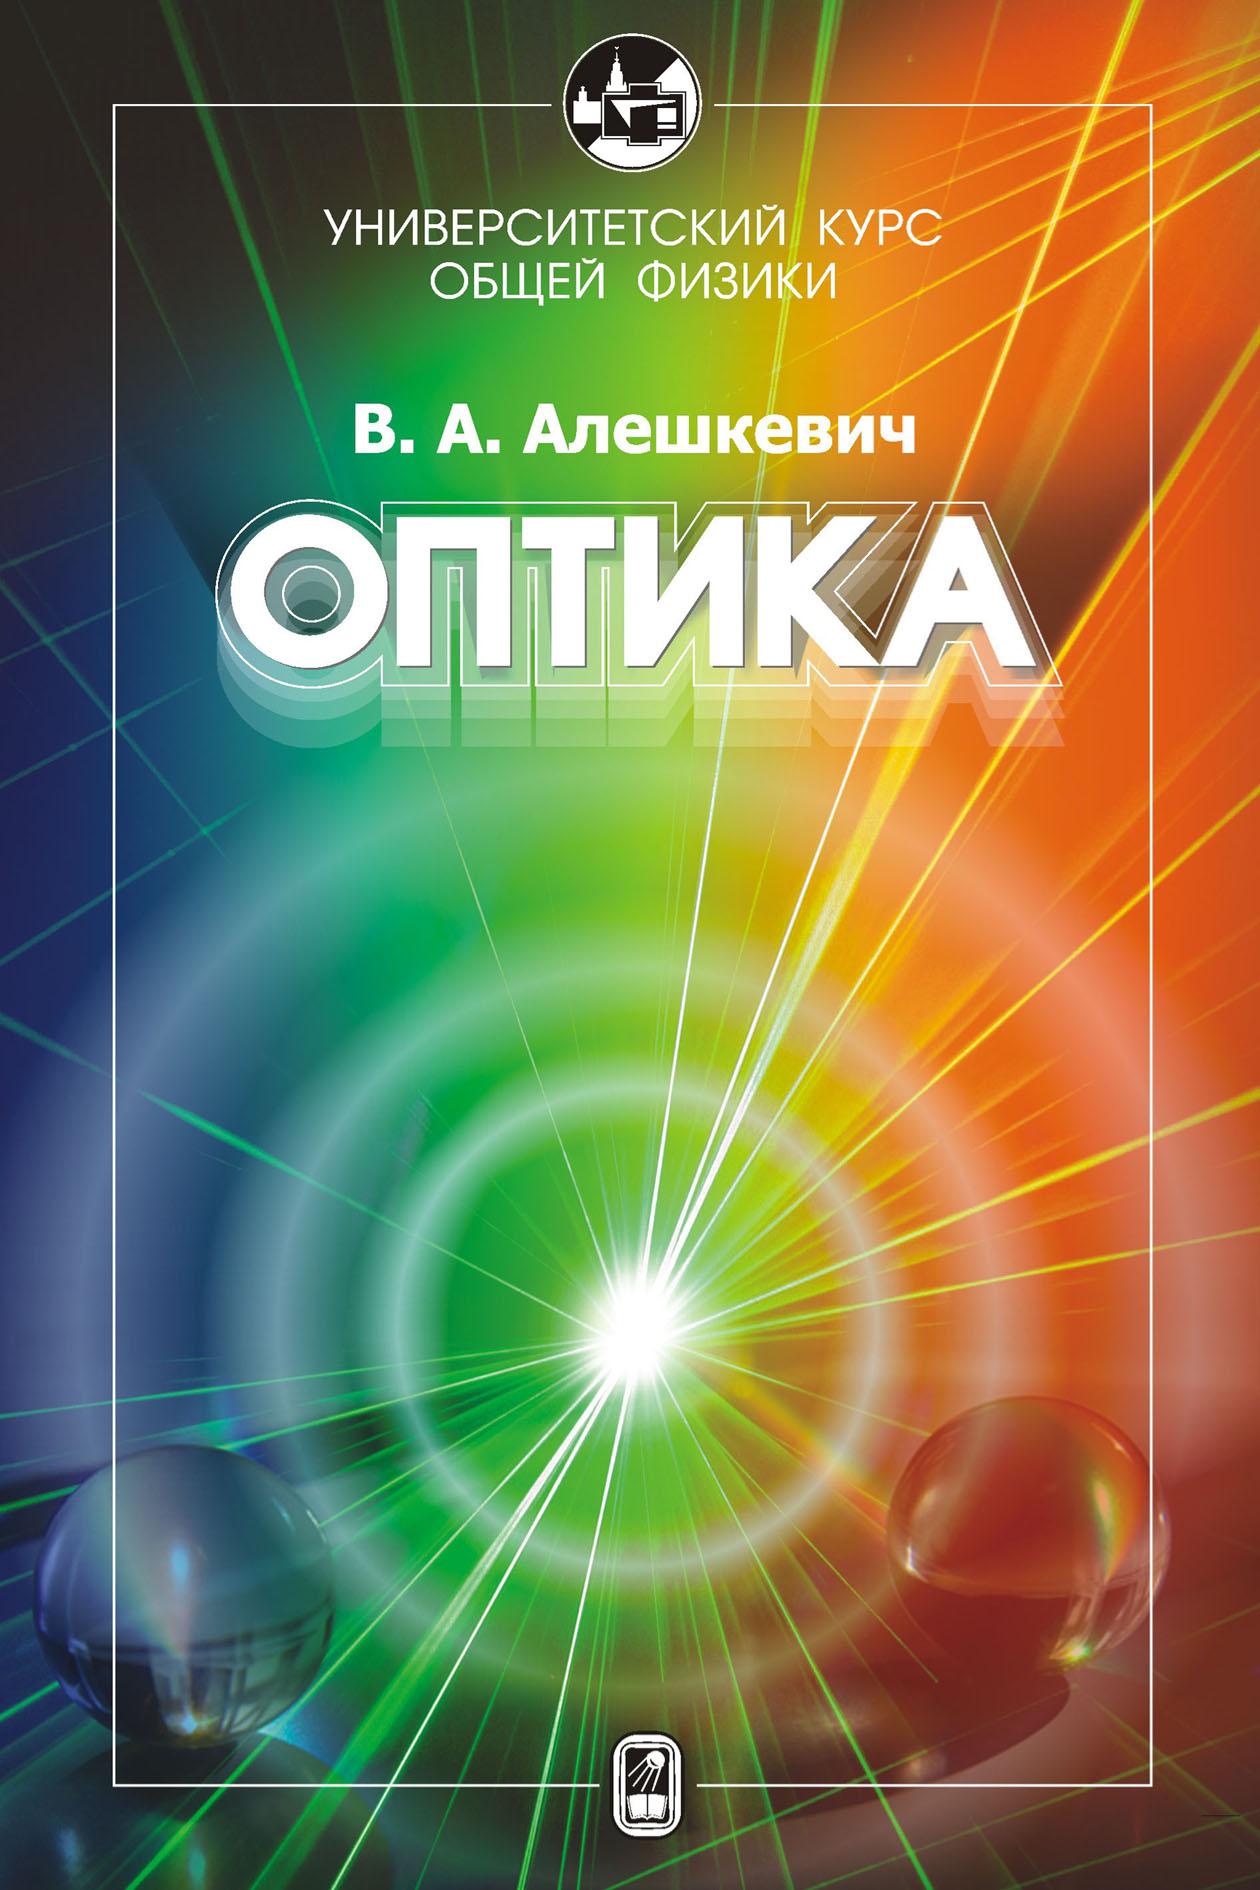 Фото - В. А. Алешкевич Курс общей физики. Оптика оптика